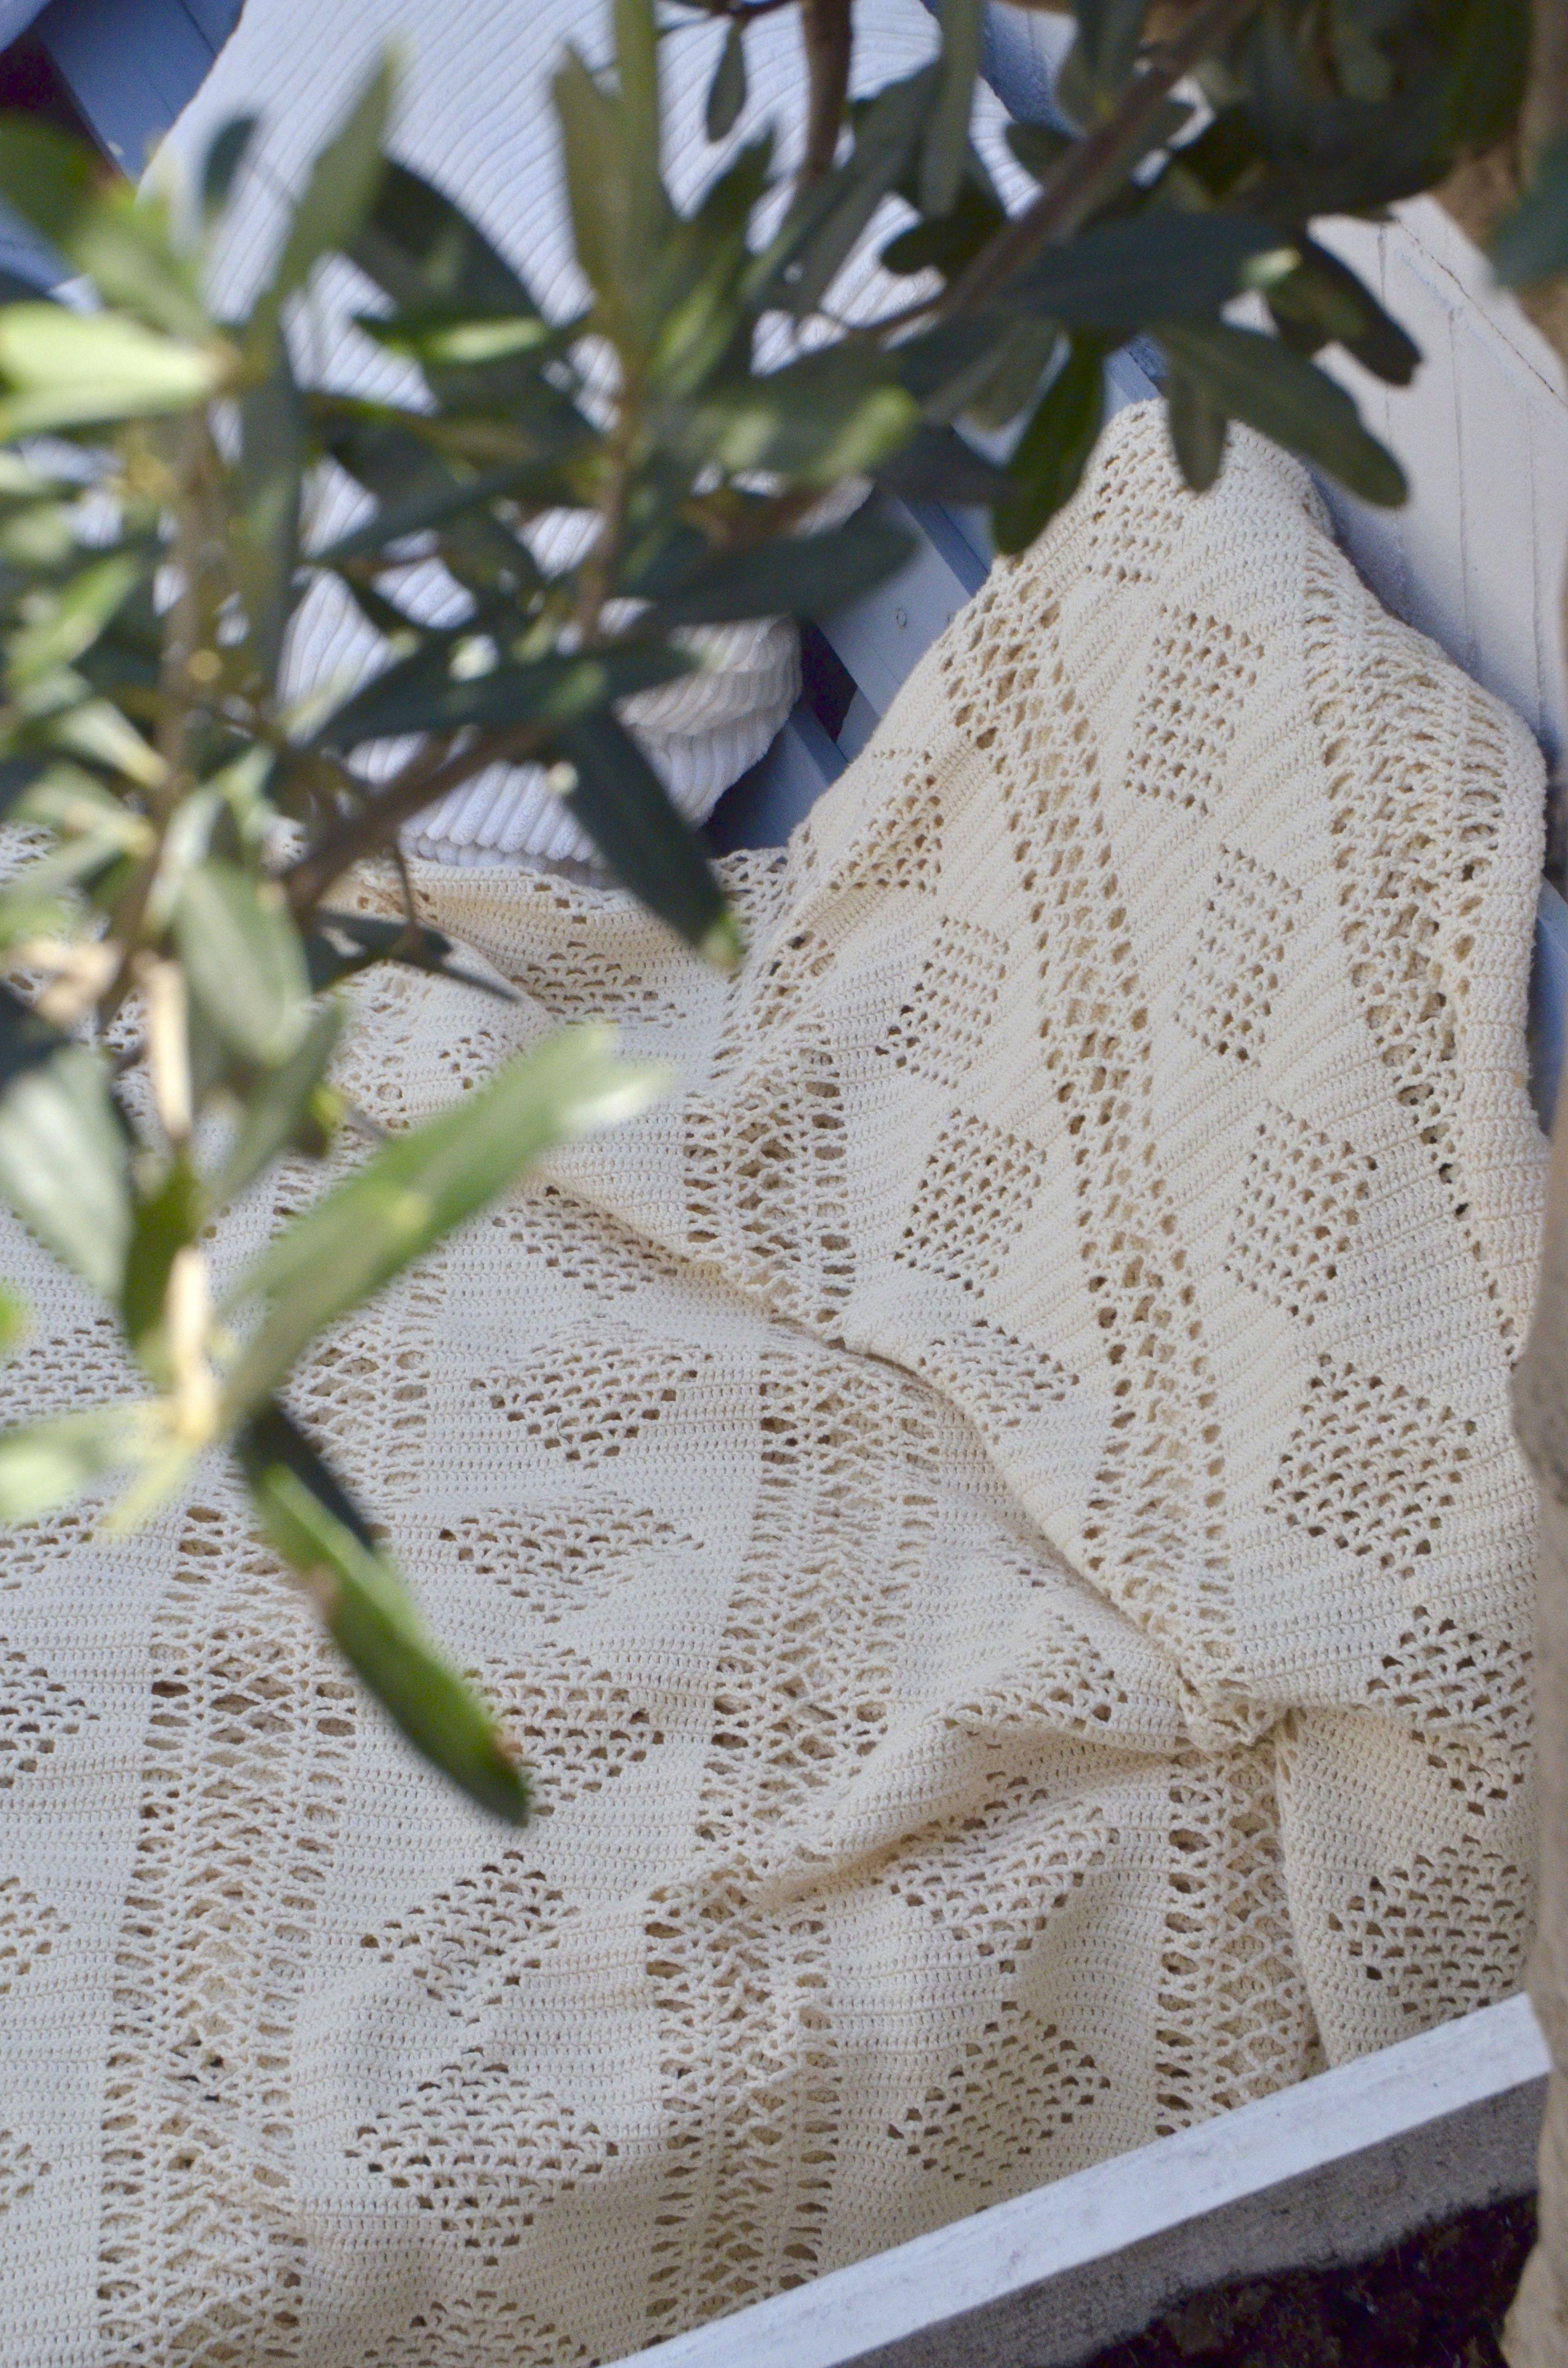 Omas Sprei Haken Dekenskussens Vloerkleed Crochet Blanket En